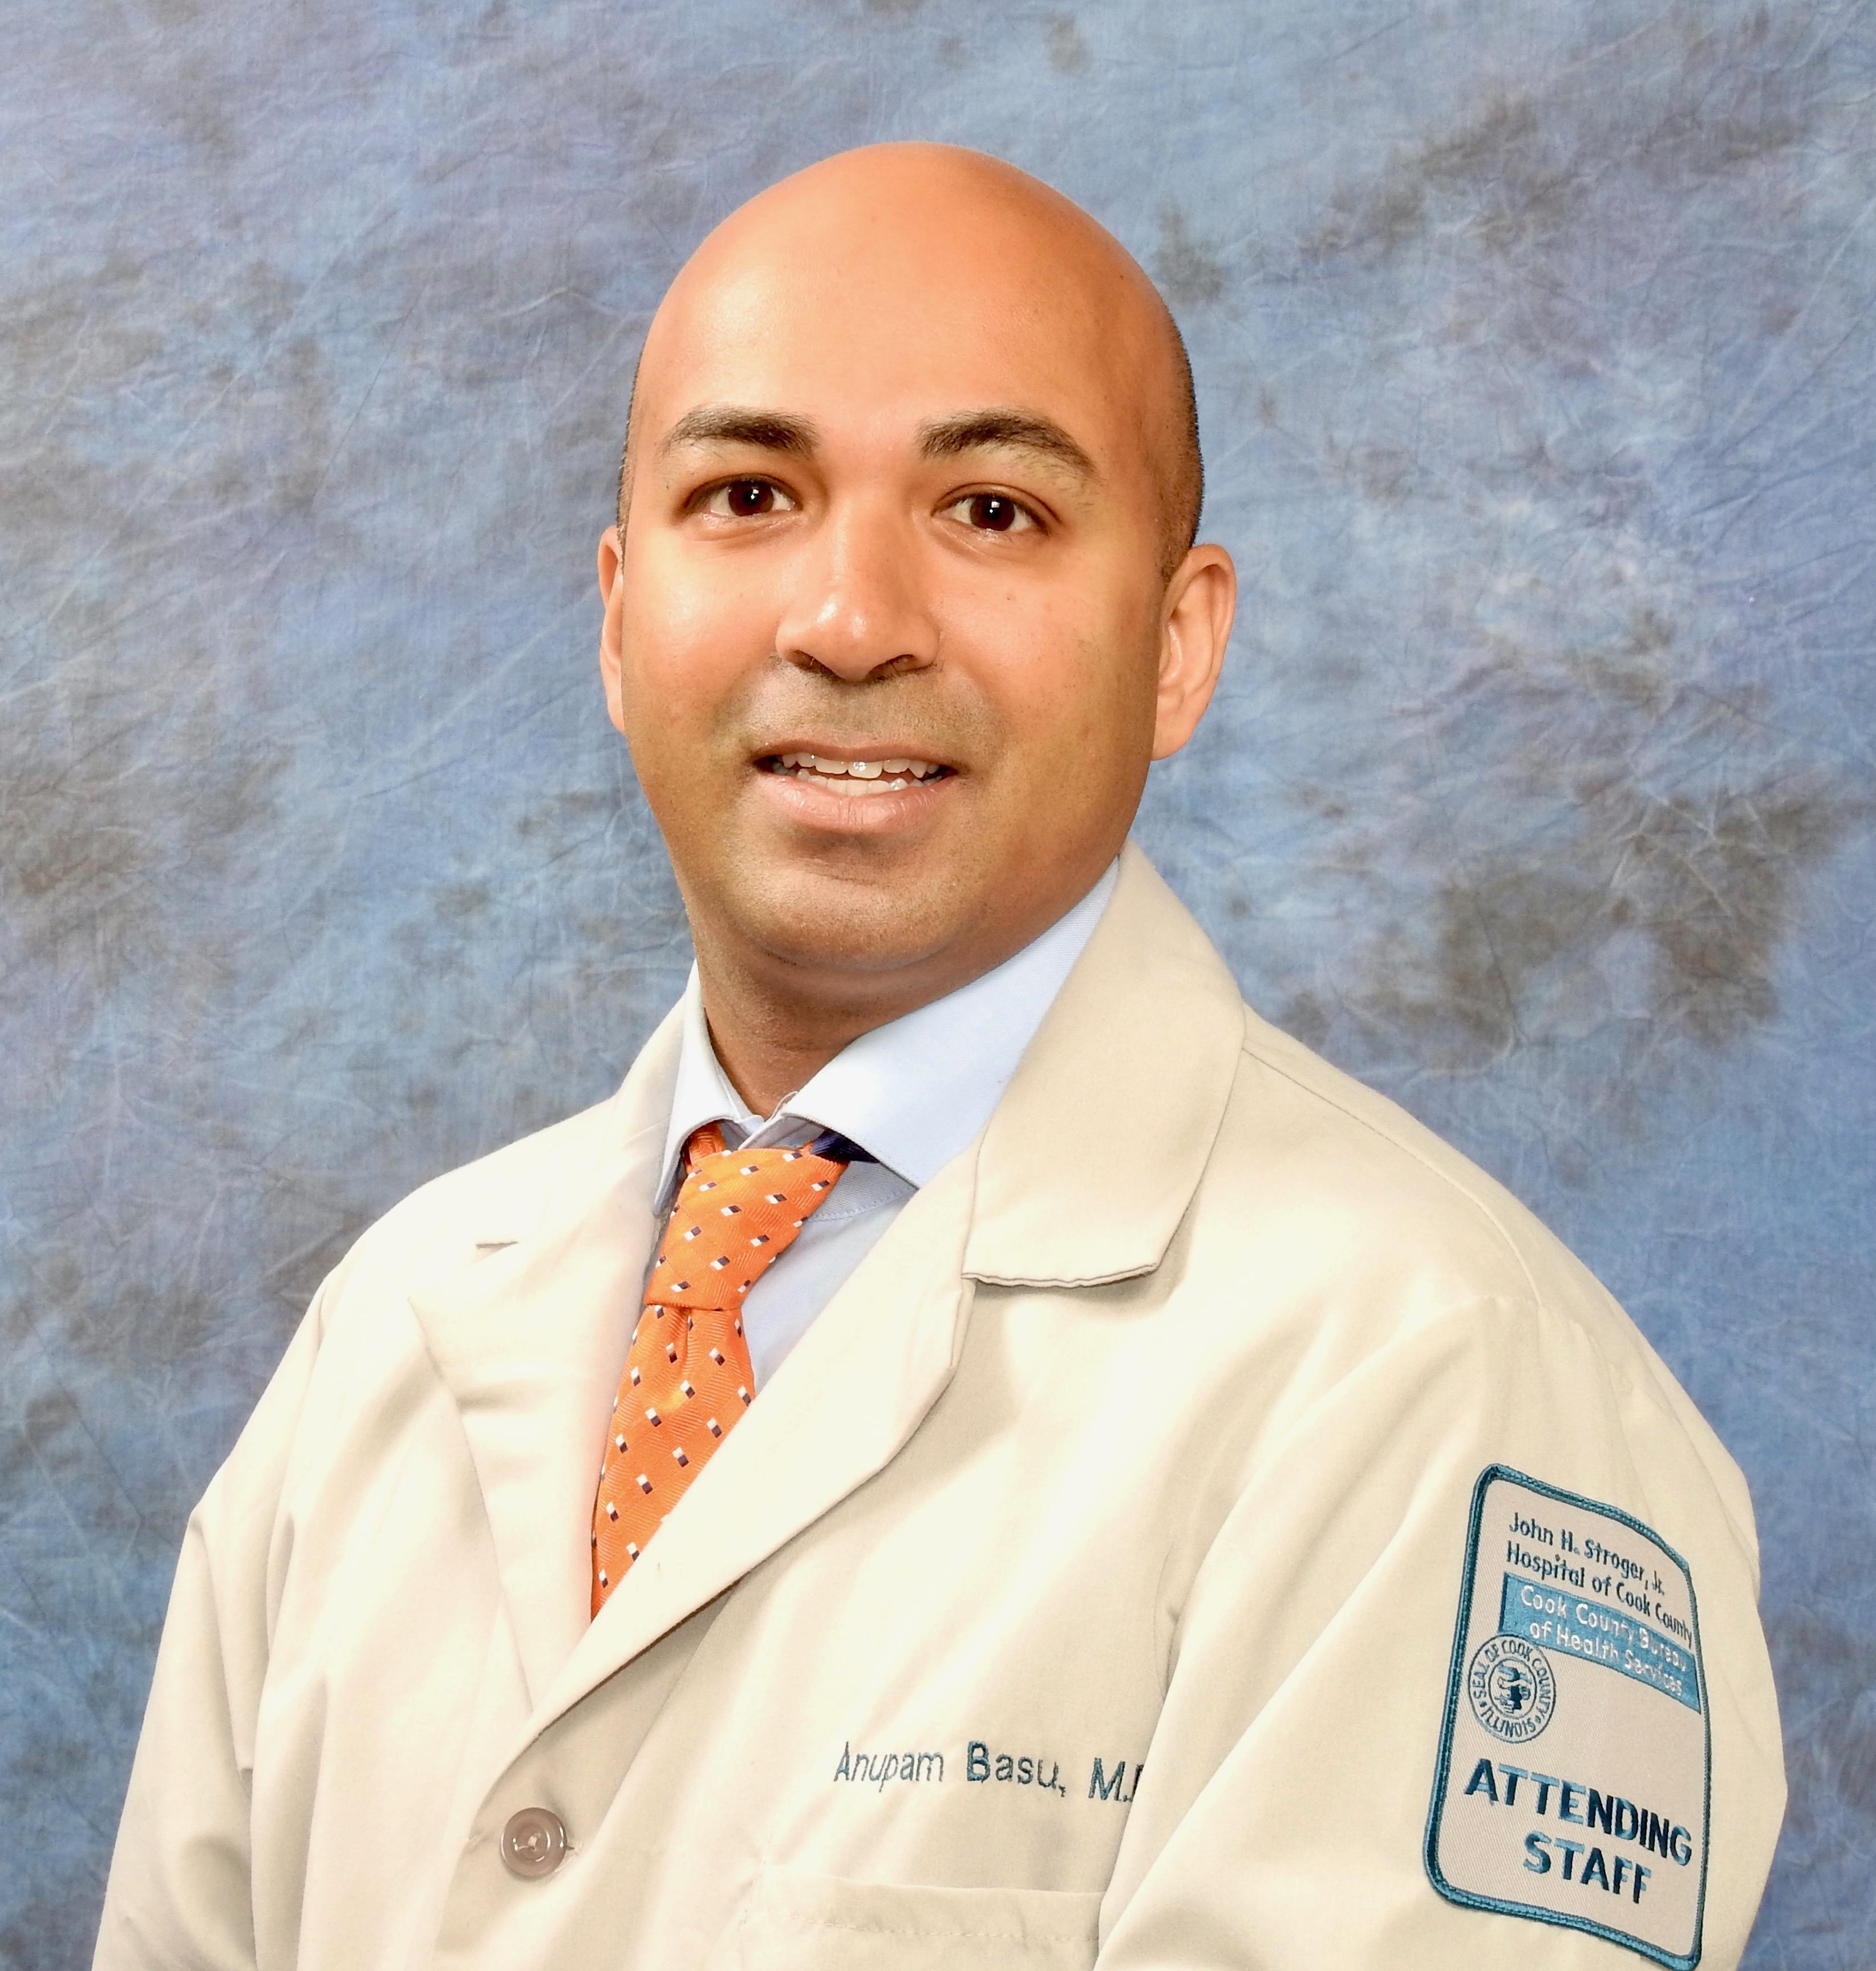 Anupam Basu, MD